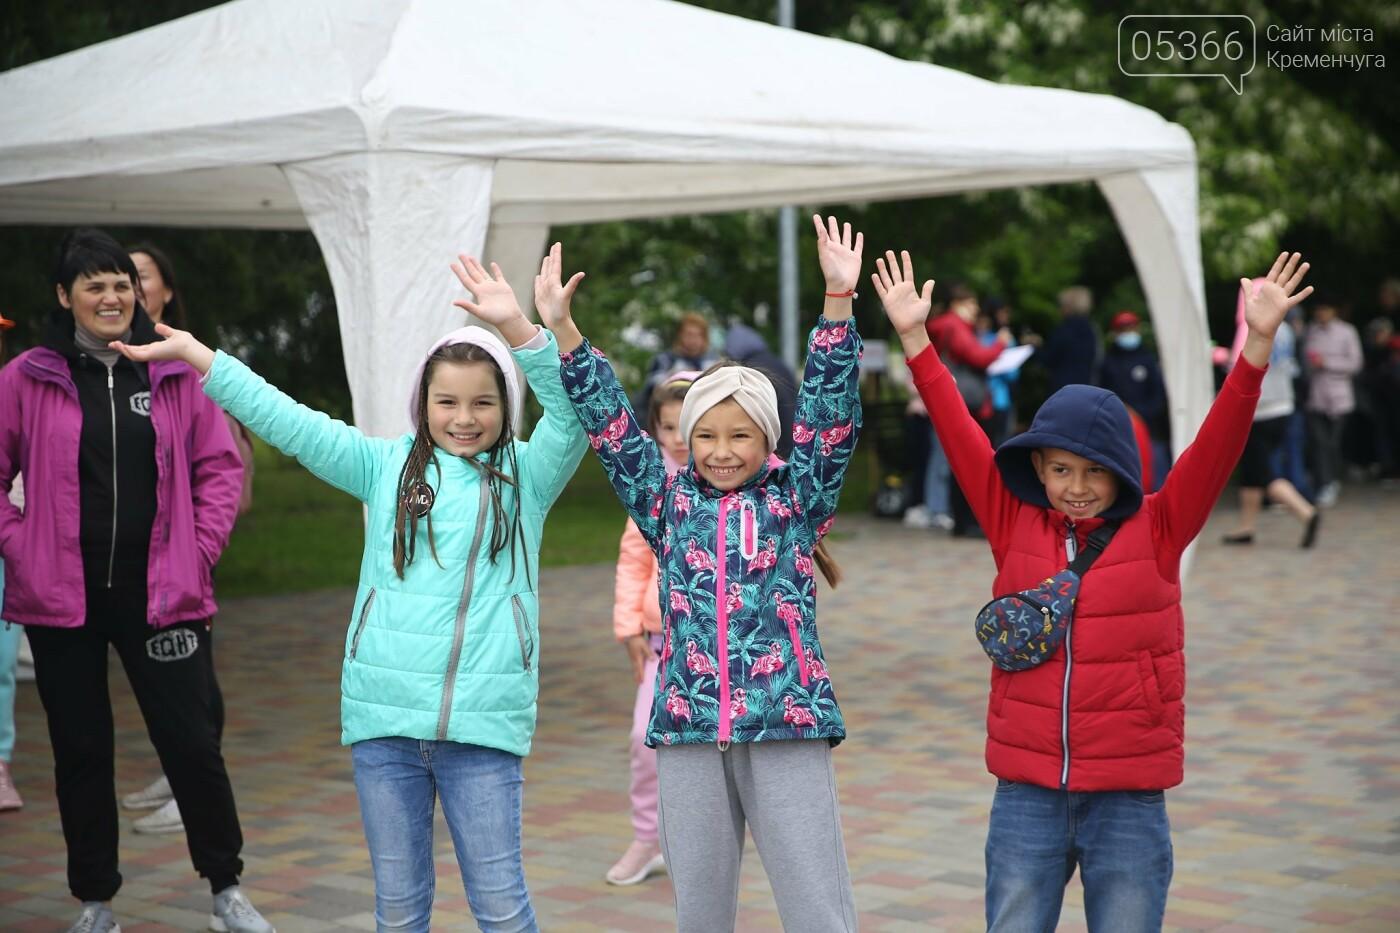 """У літній табір стукаючи зубами від холоду: сьогодні дітей відправляють до """"Зоряного"""". ФОТО, фото-3"""